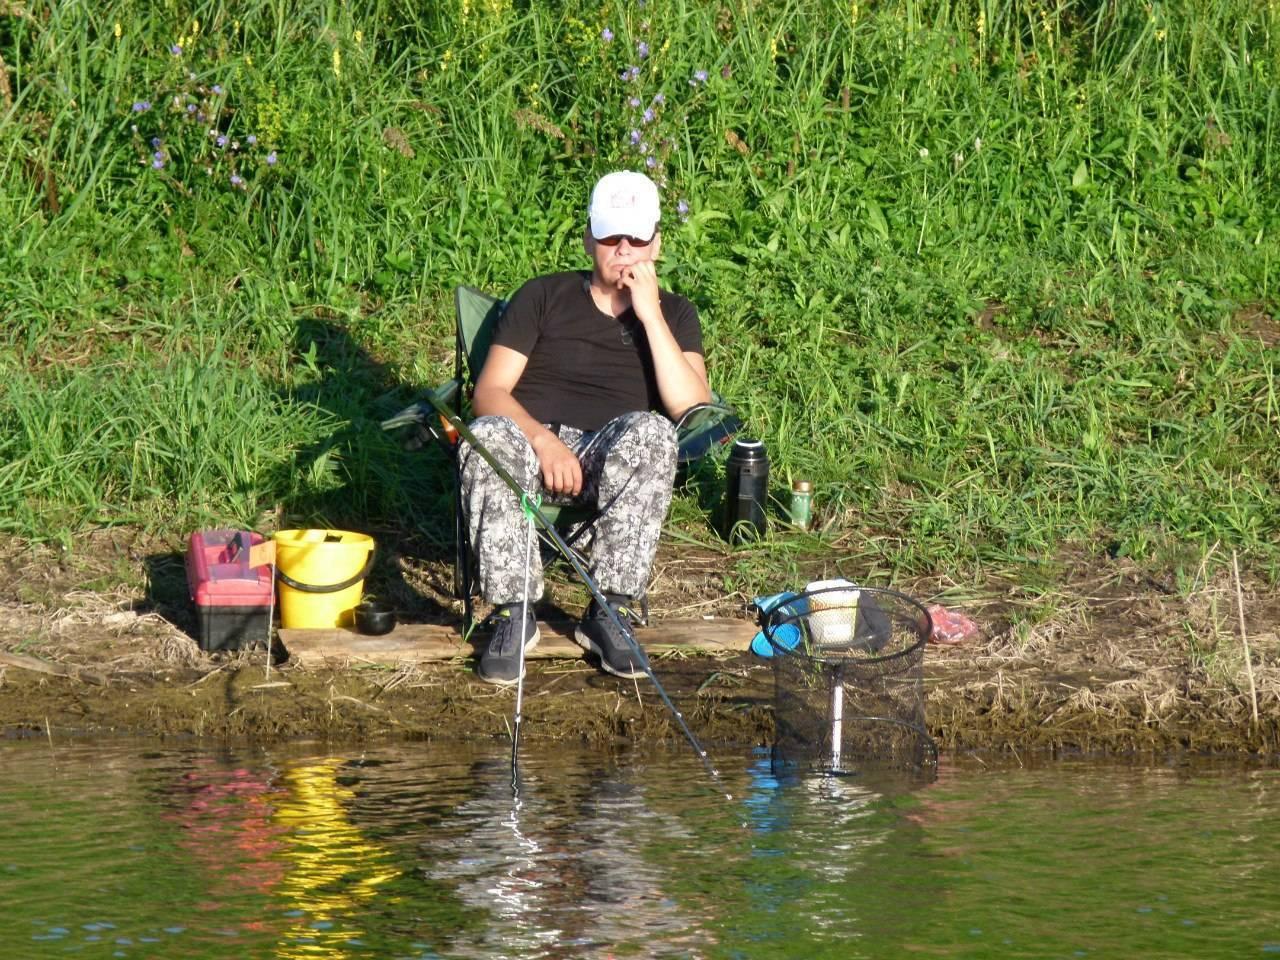 Рыбалка по первому льду: зимняя ловля ротана, карася и щуки на перволедье, плотвы и леща, на балансир и на живца, на флажки и безмотылку